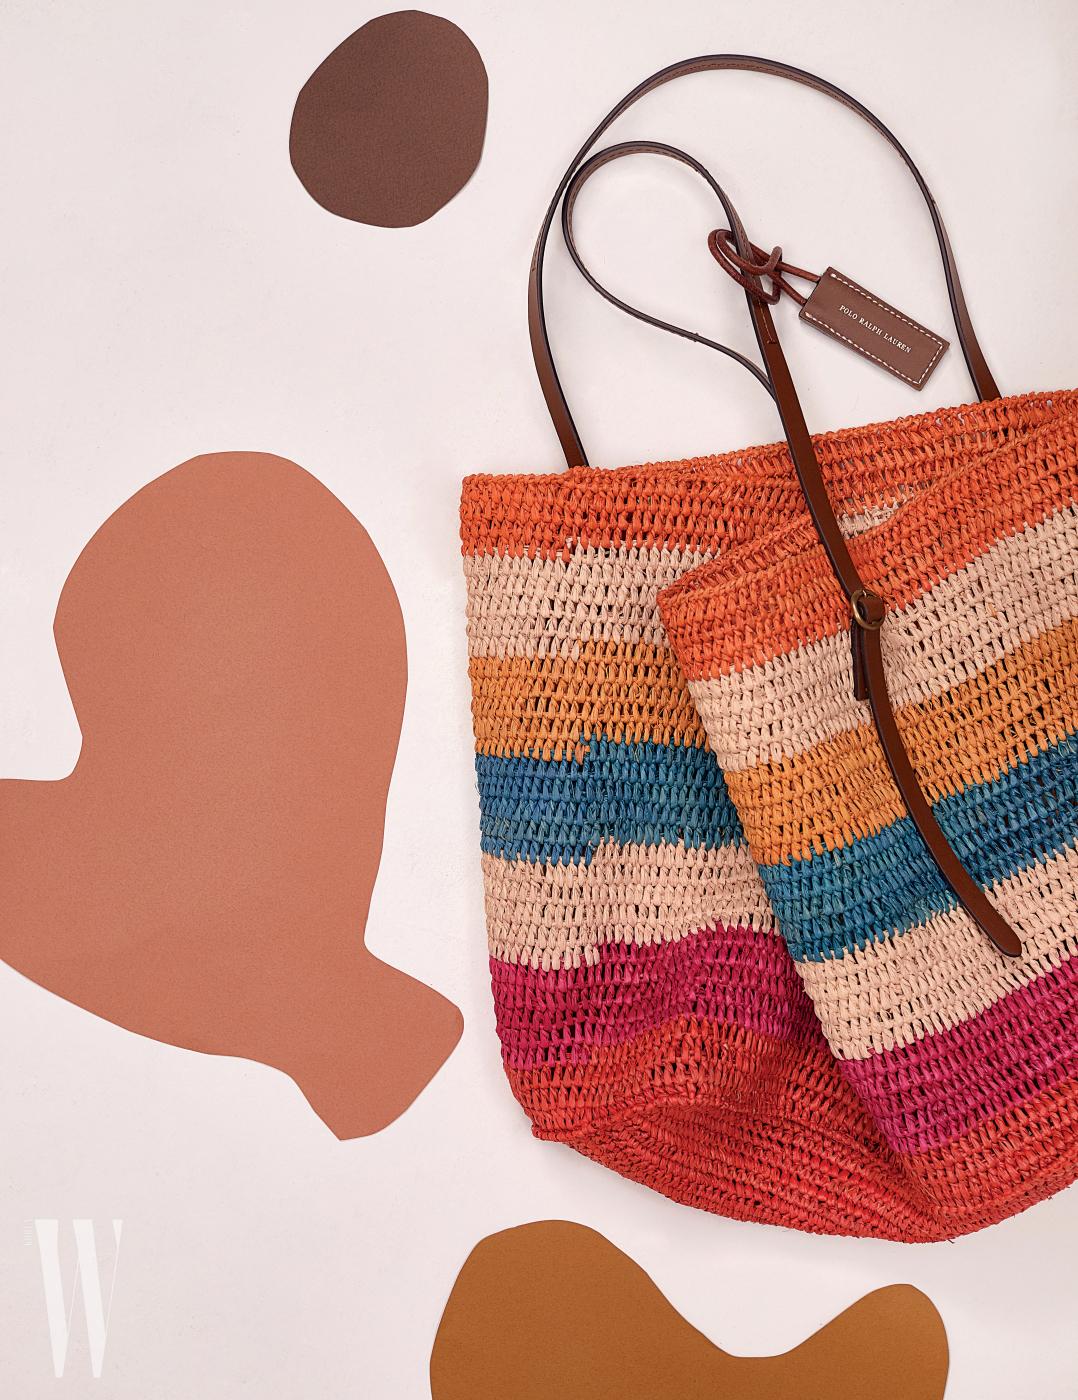 무지개가 연상되는 라피아 소재의 멀티 컬러 가방은 폴로 by 랄프 로렌 제품. 30만원대.